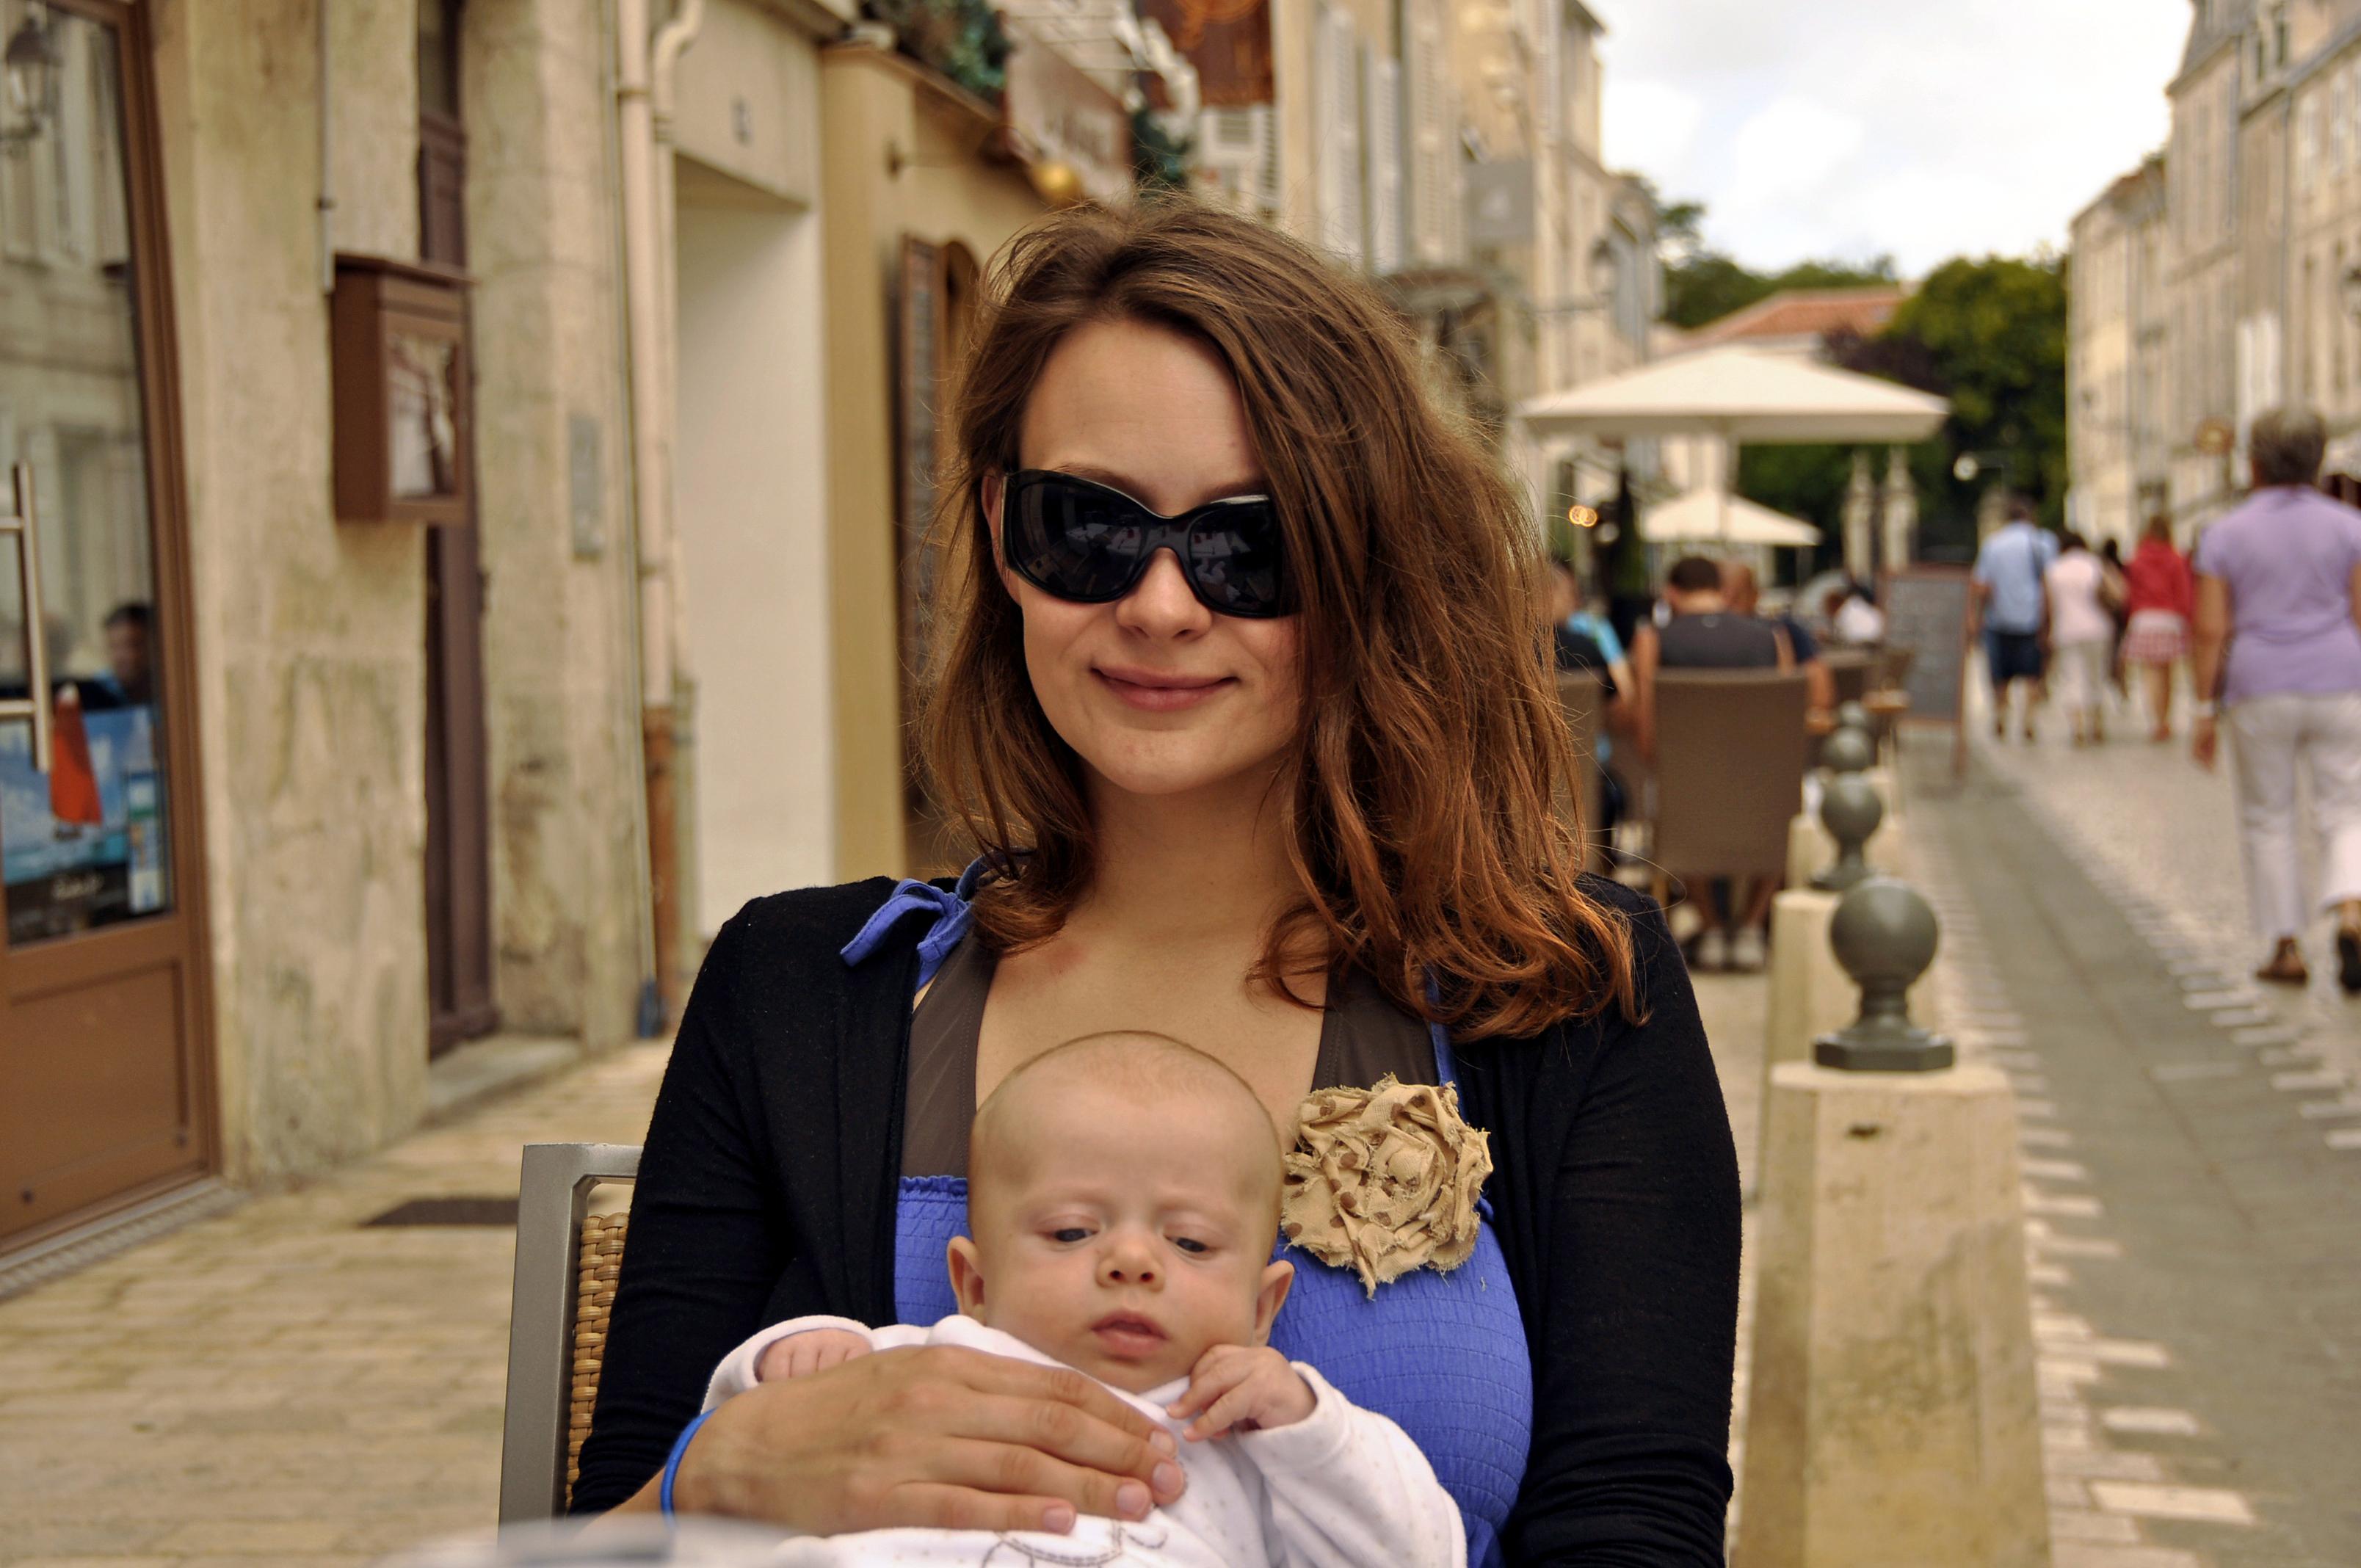 macierzyństwo, być mamą, mamam, mama w mieście, niemowlak, co robić z dzieckiem